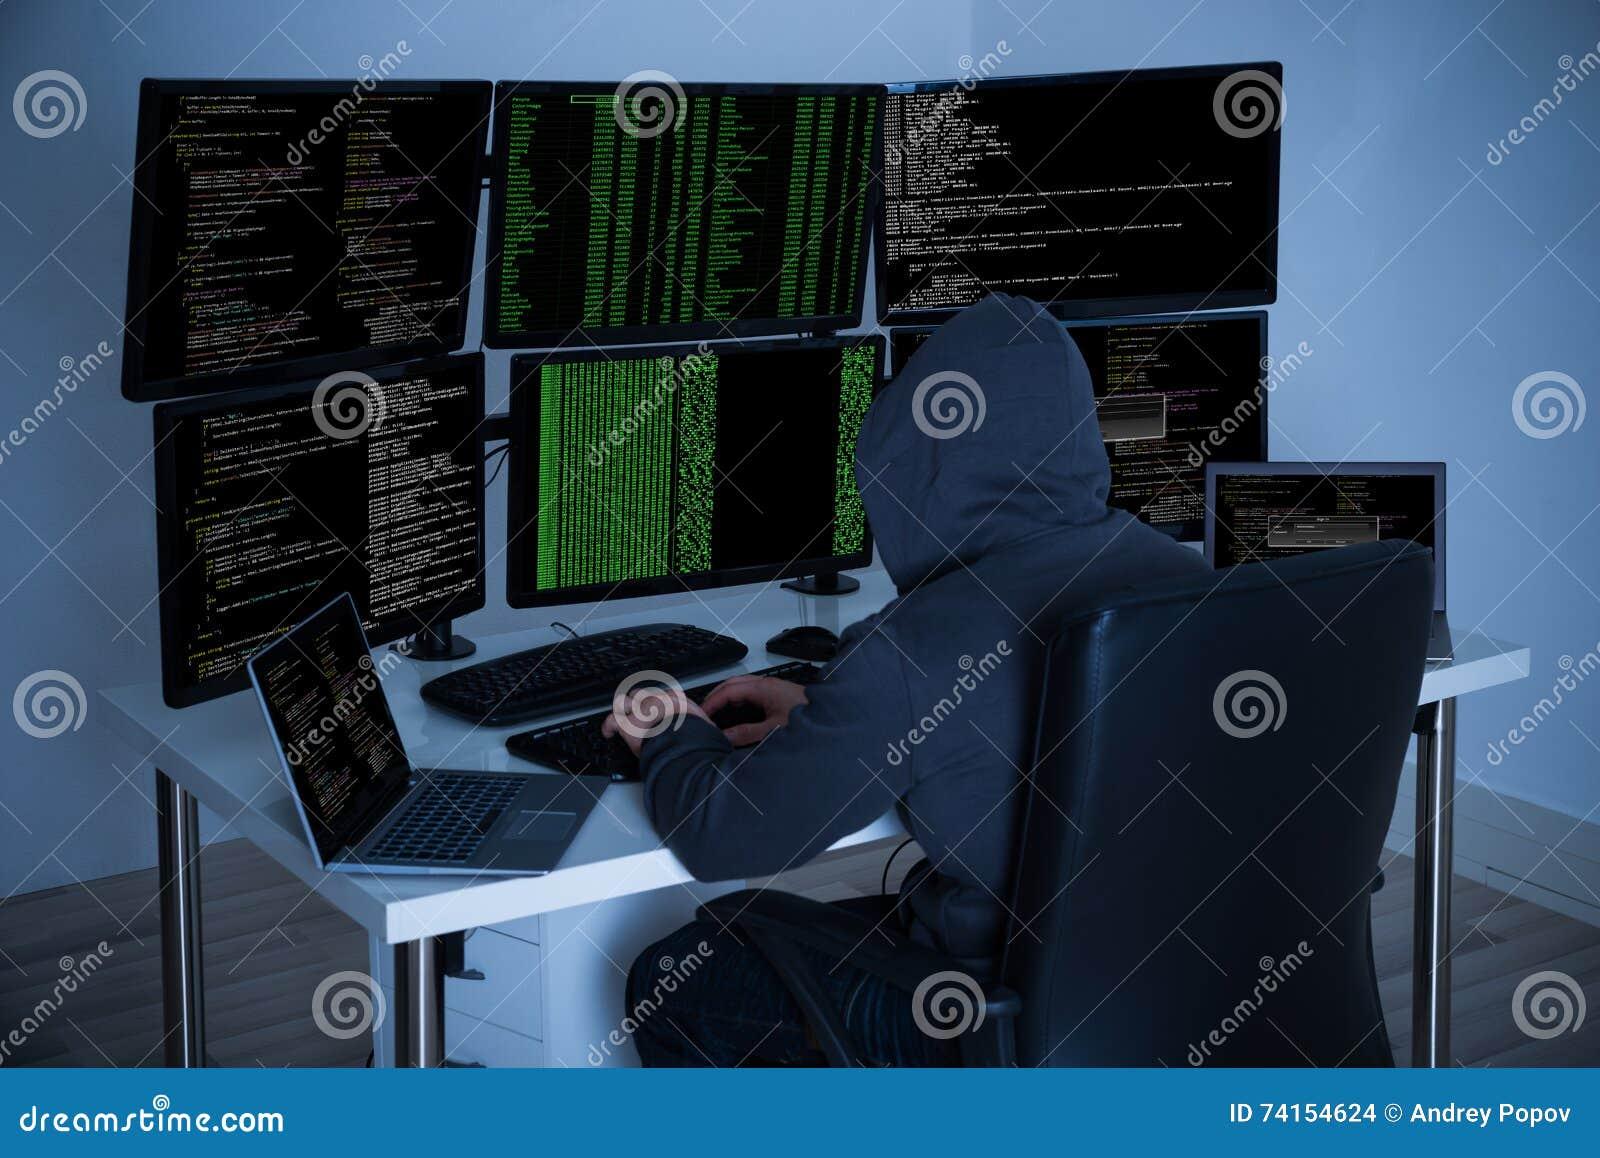 Hacker que usa computadores para roubar dados